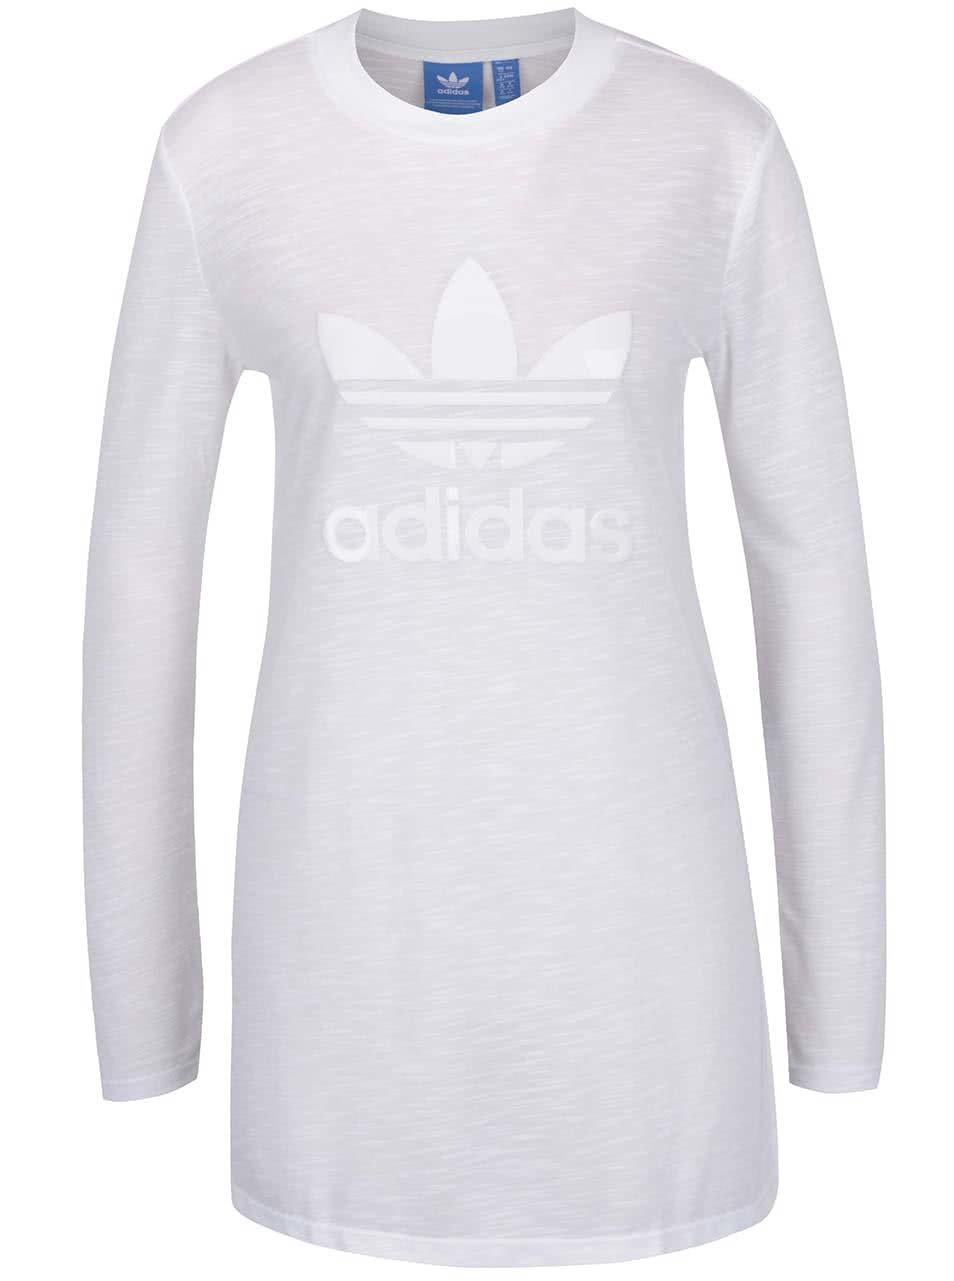 22a4039cdfd6 Biele dámske dlhé priesvitné tričko adidas Originals ...